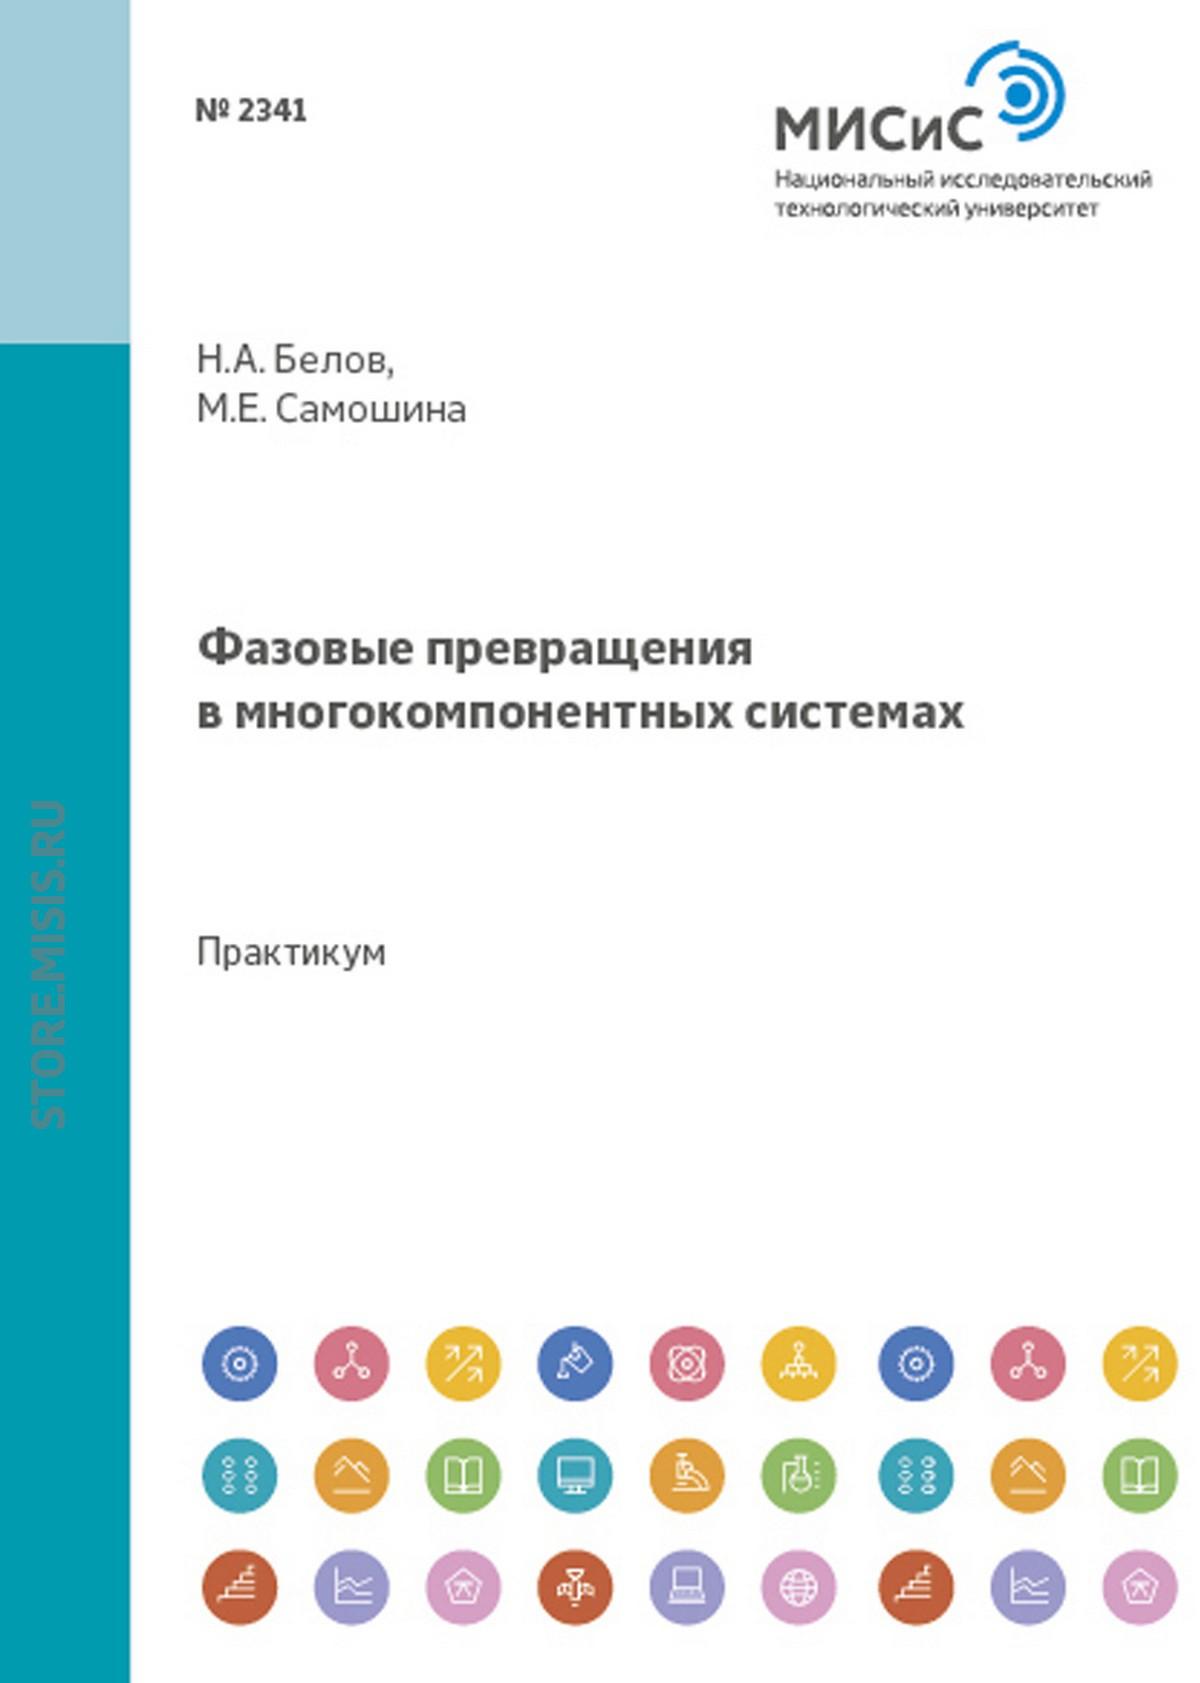 Николай Белов Фазовые превращения в многокомпонентных системах славин и практикум стратегия расчет эндшпиль